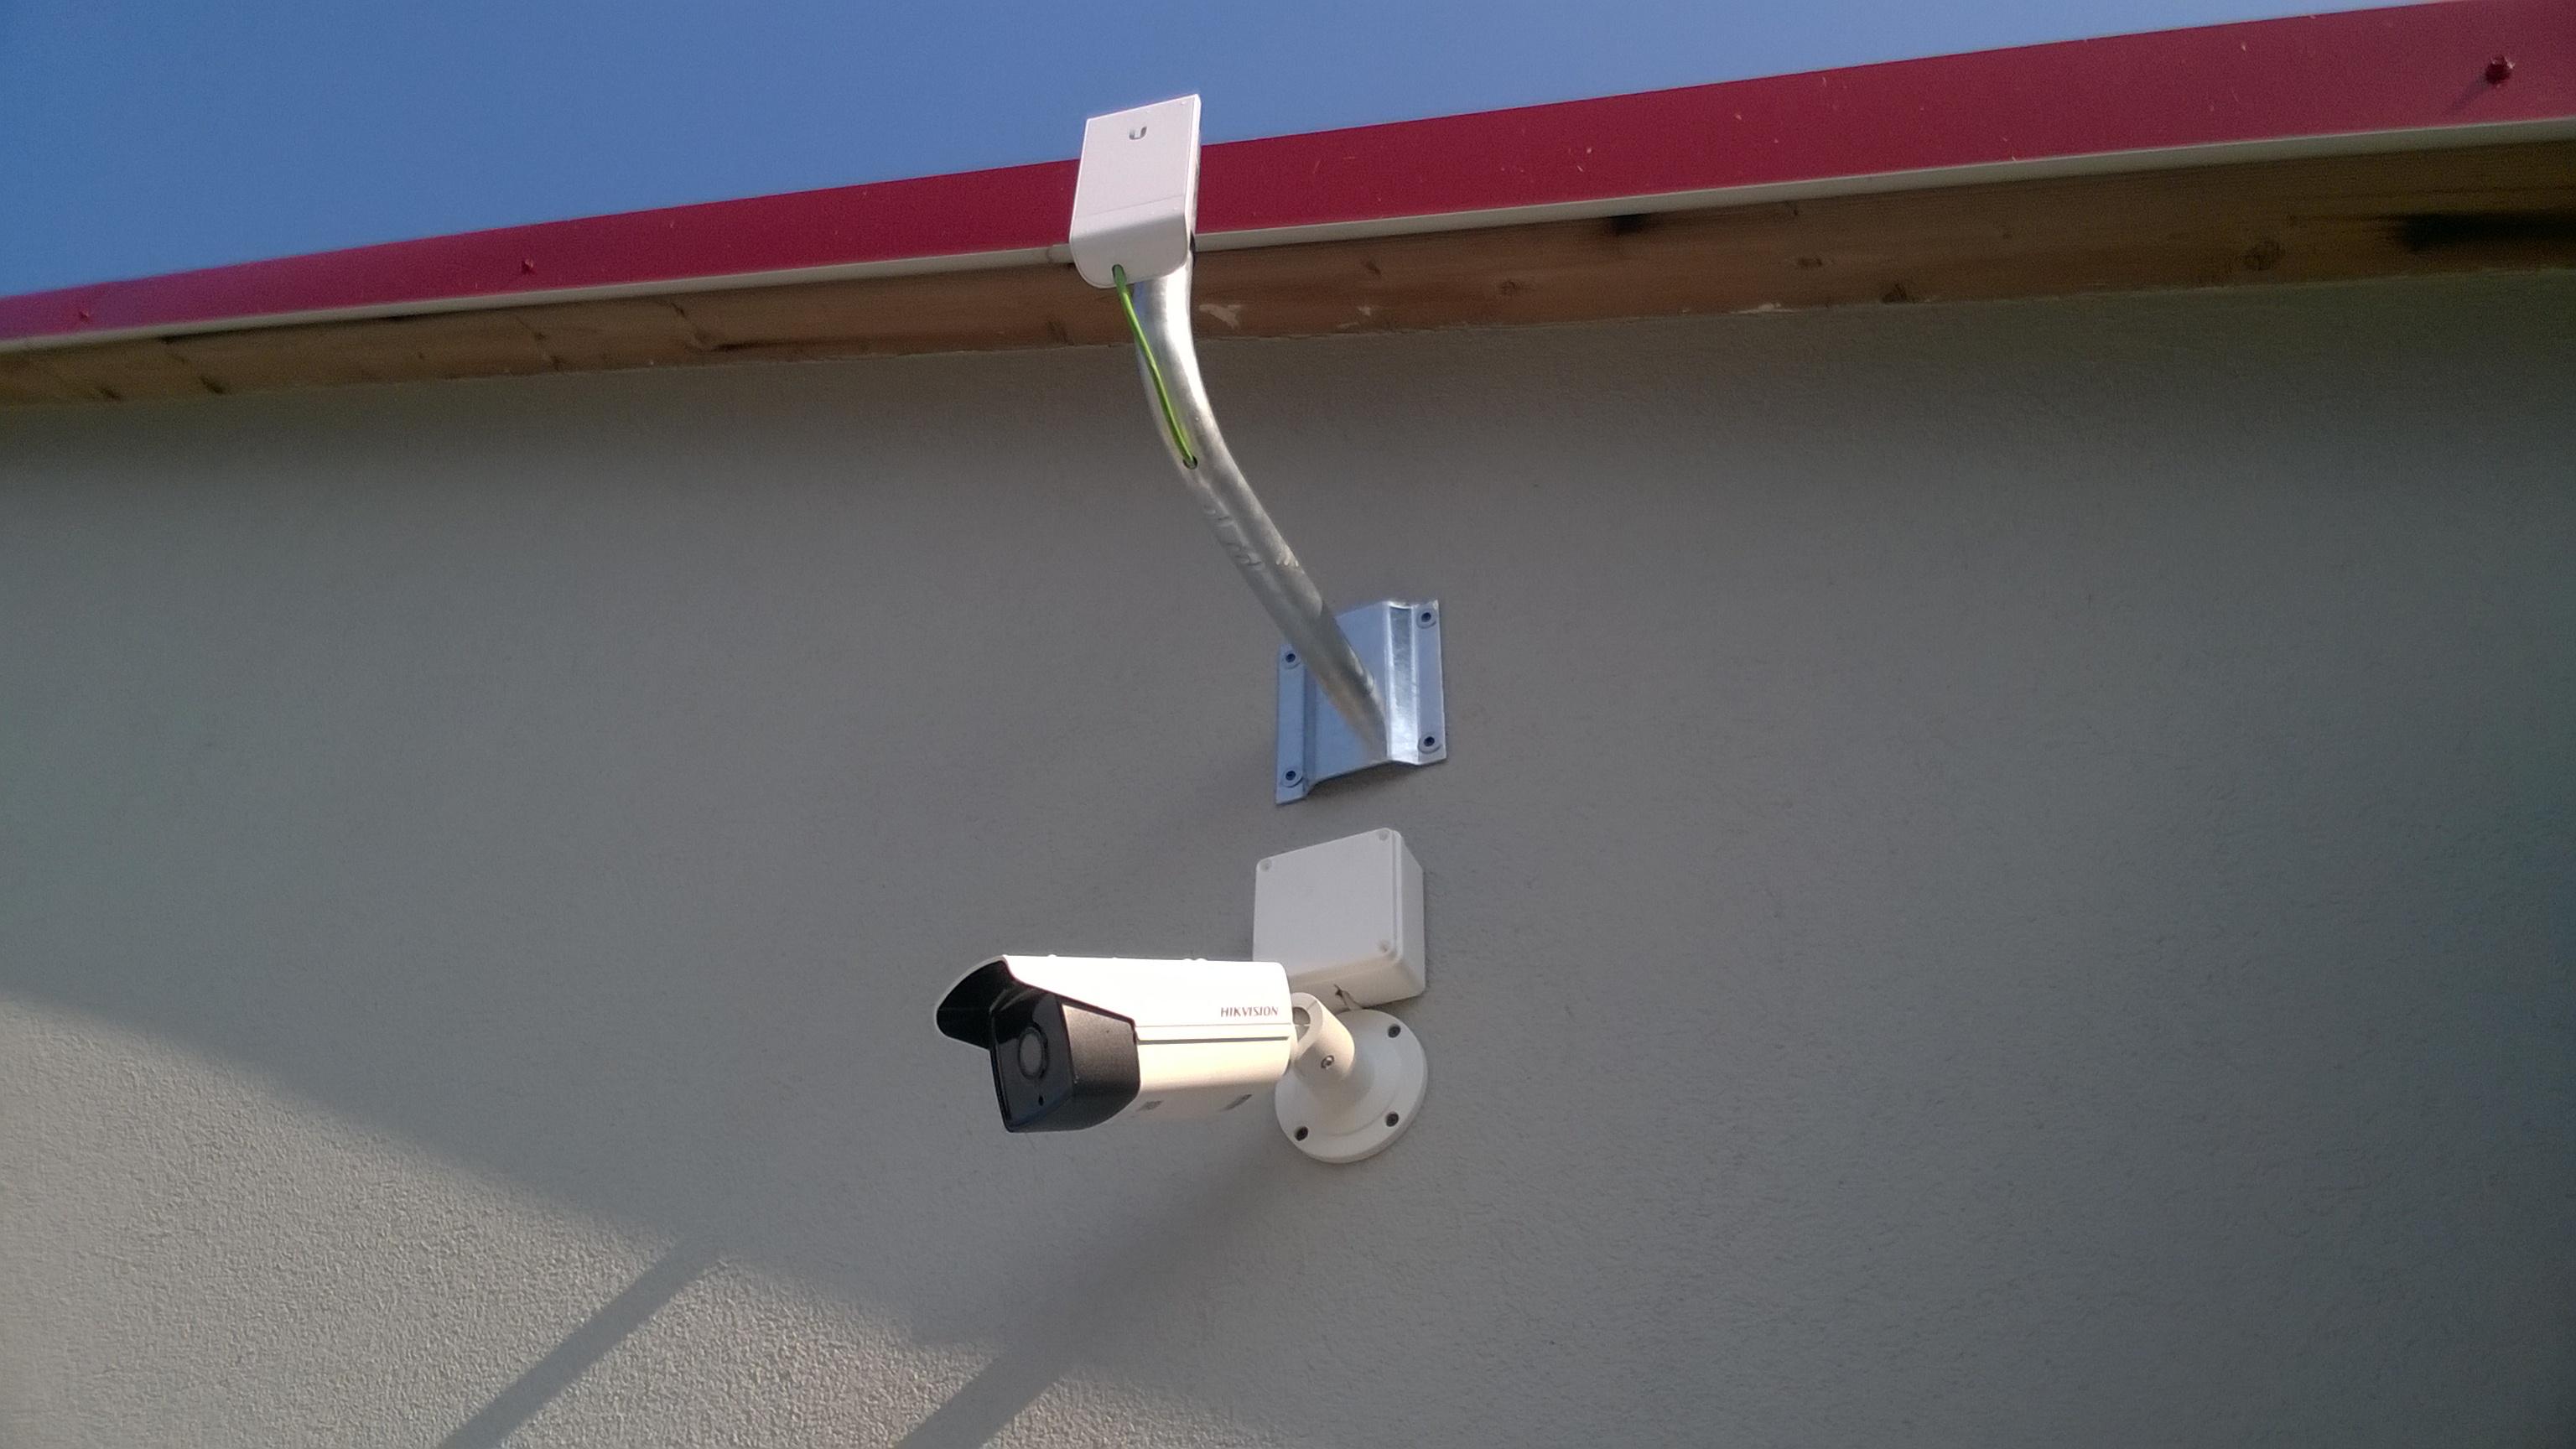 monitoring-bilgoraj-monitoring-zamosc-monitoring-krasnik-monitoring-janow-lubelski-monitoring-gospodarstwa-rolnego-monitoring-chelm-monitoring-lezajsk-13-infomech-monitoring-wizyjny-systemy-zabezpie